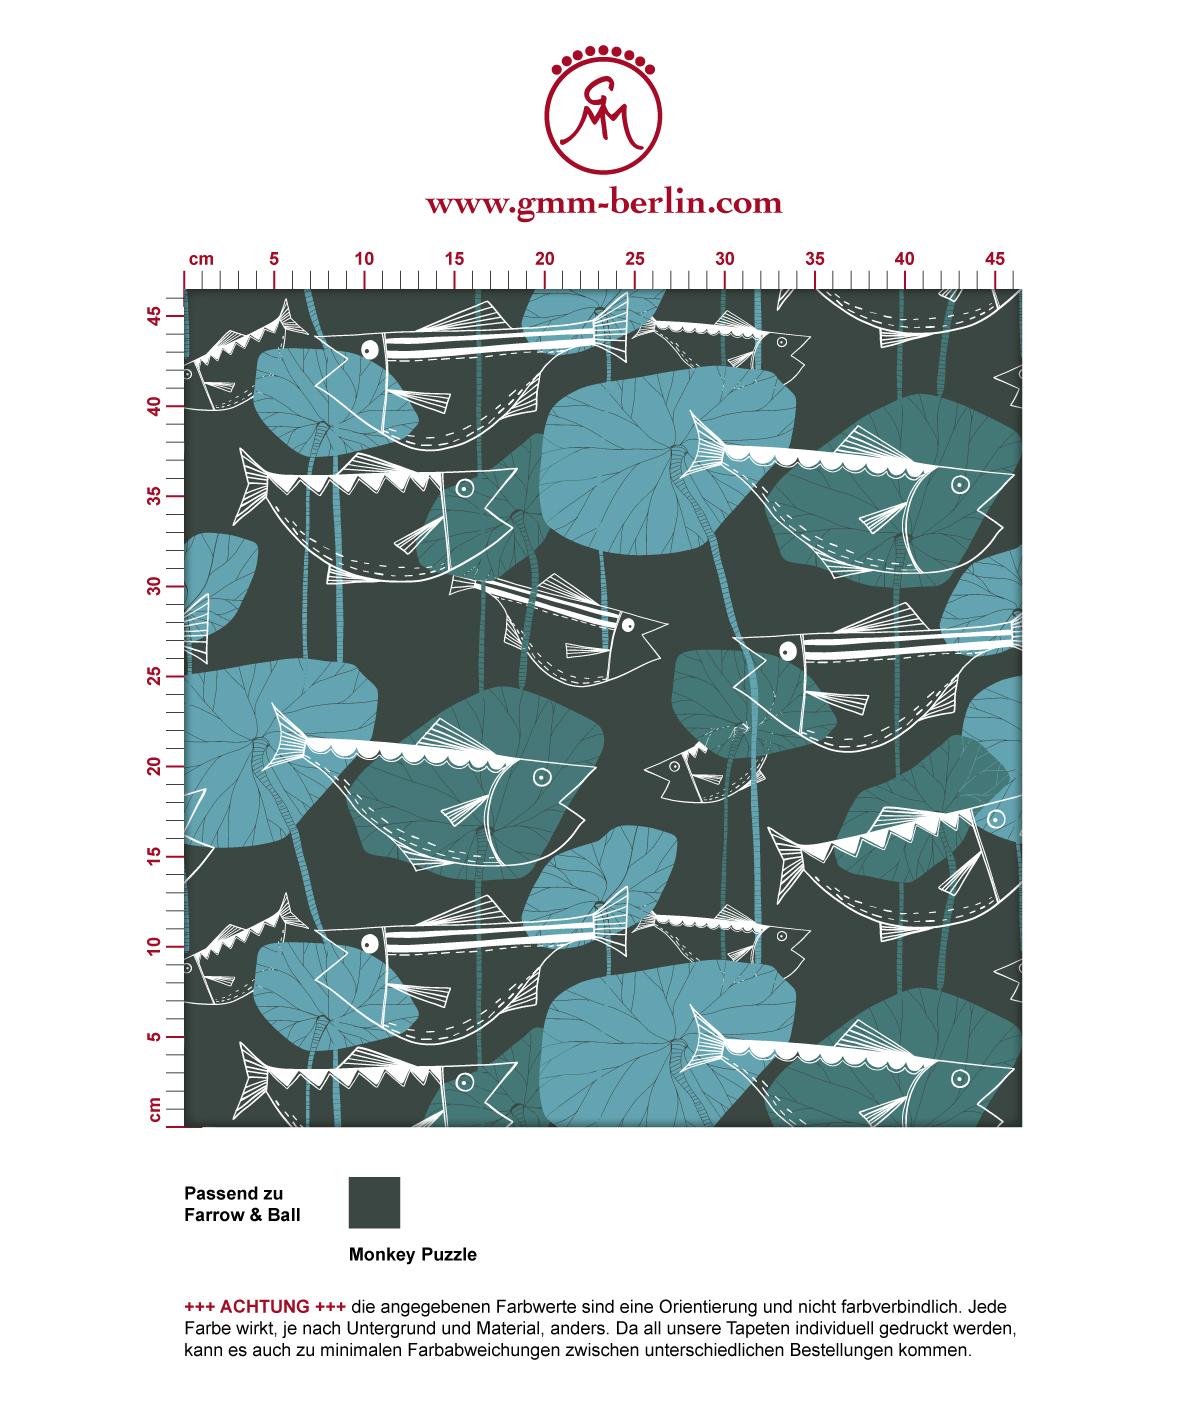 """Tapete """"Angler Glück"""" mit Retro Fiscen im Stil der 70er in blau grau angepasst an Farrow and Ball Wandfarben. Aus dem GMM-BERLIN.com Sortiment: Schöne Tapeten in der Farbe: grün blau"""